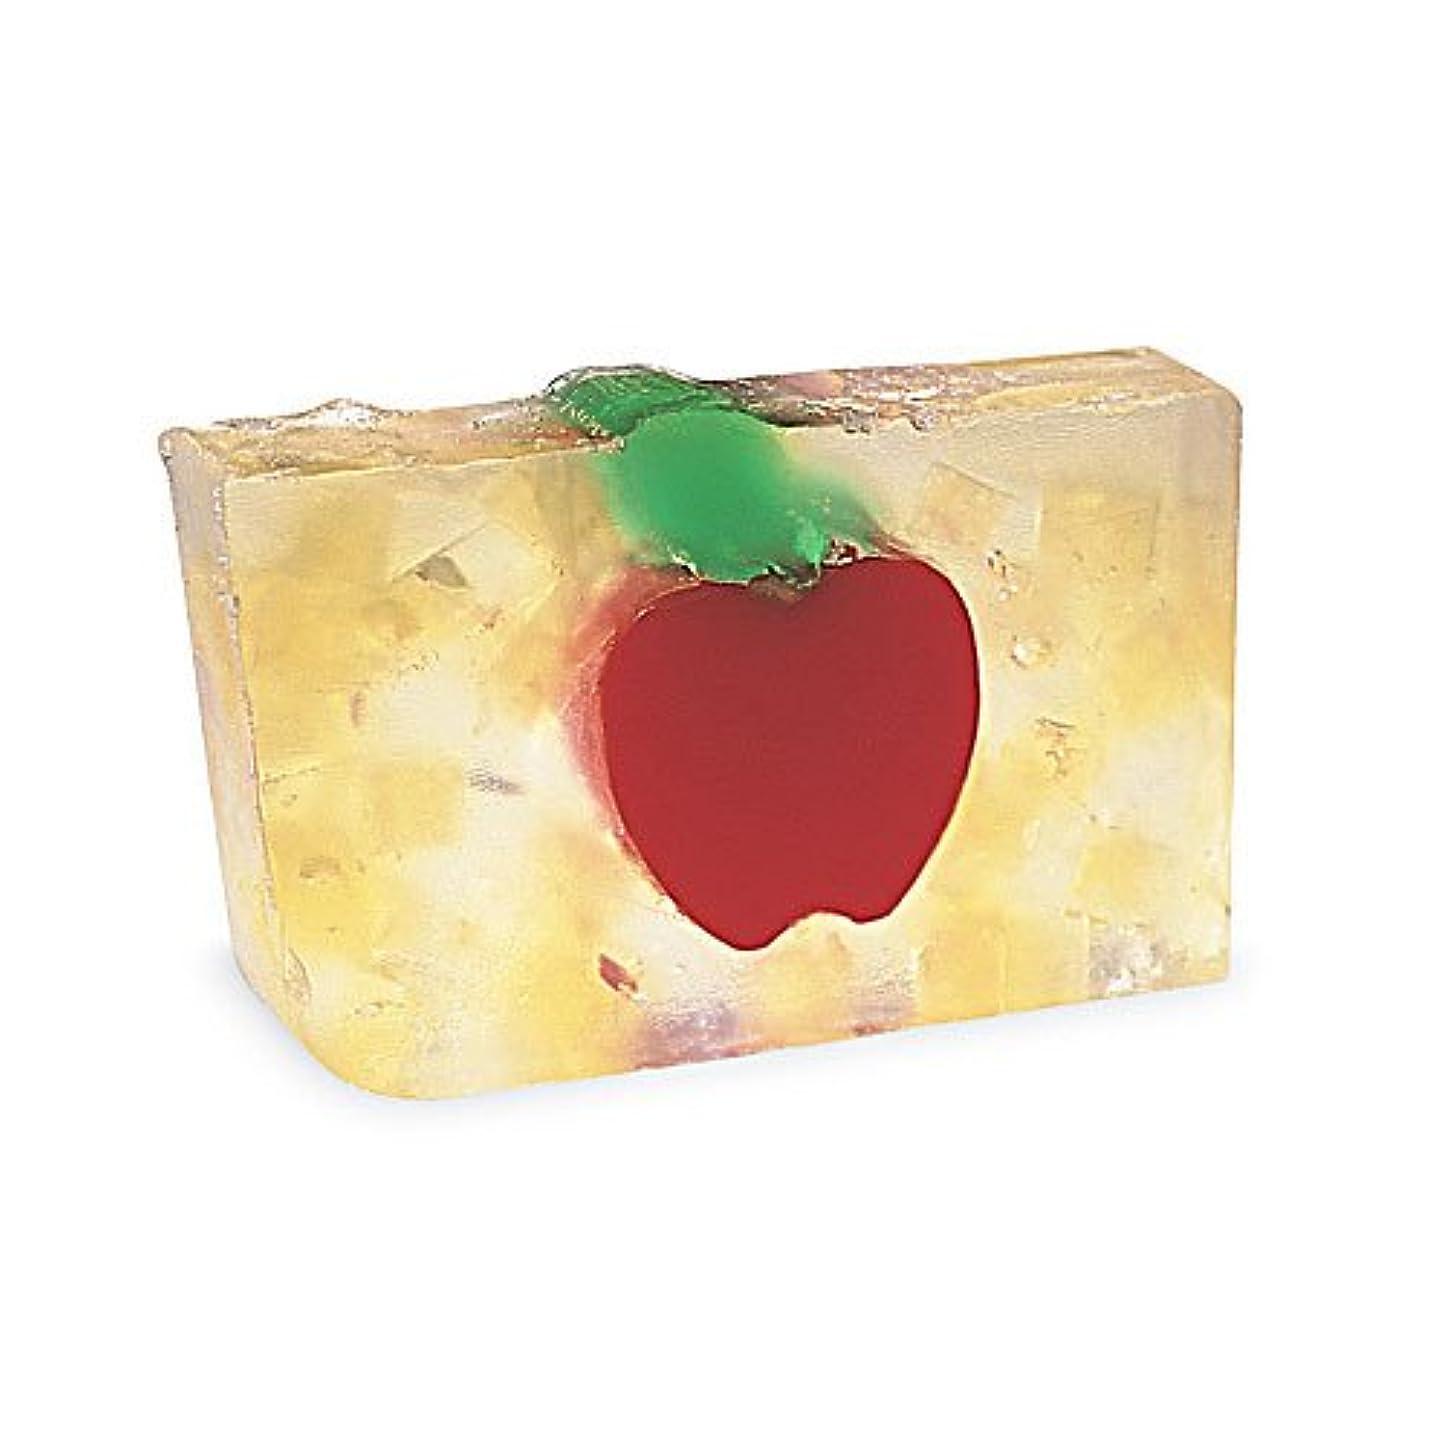 柔らかい足王族敬なプライモールエレメンツ アロマティック ソープ ビッグアップル 180g 植物性 ナチュラル 石鹸 無添加